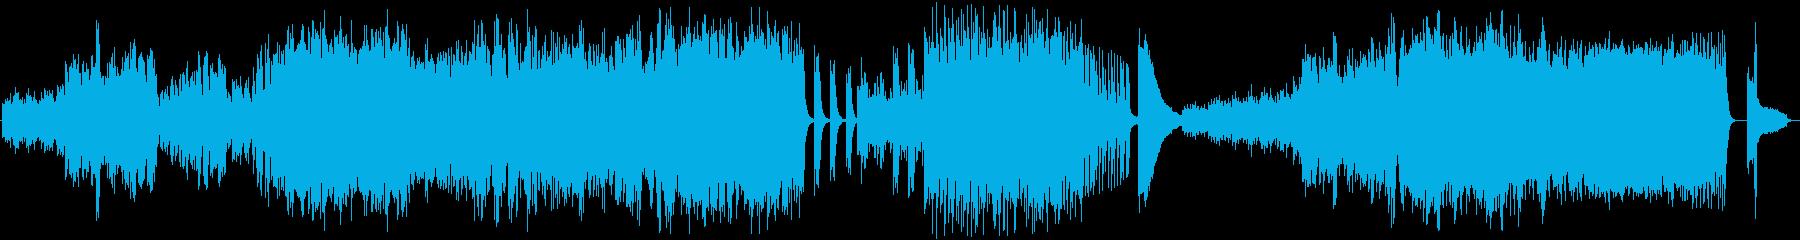 ピアノ独奏による幻想的な曲の再生済みの波形